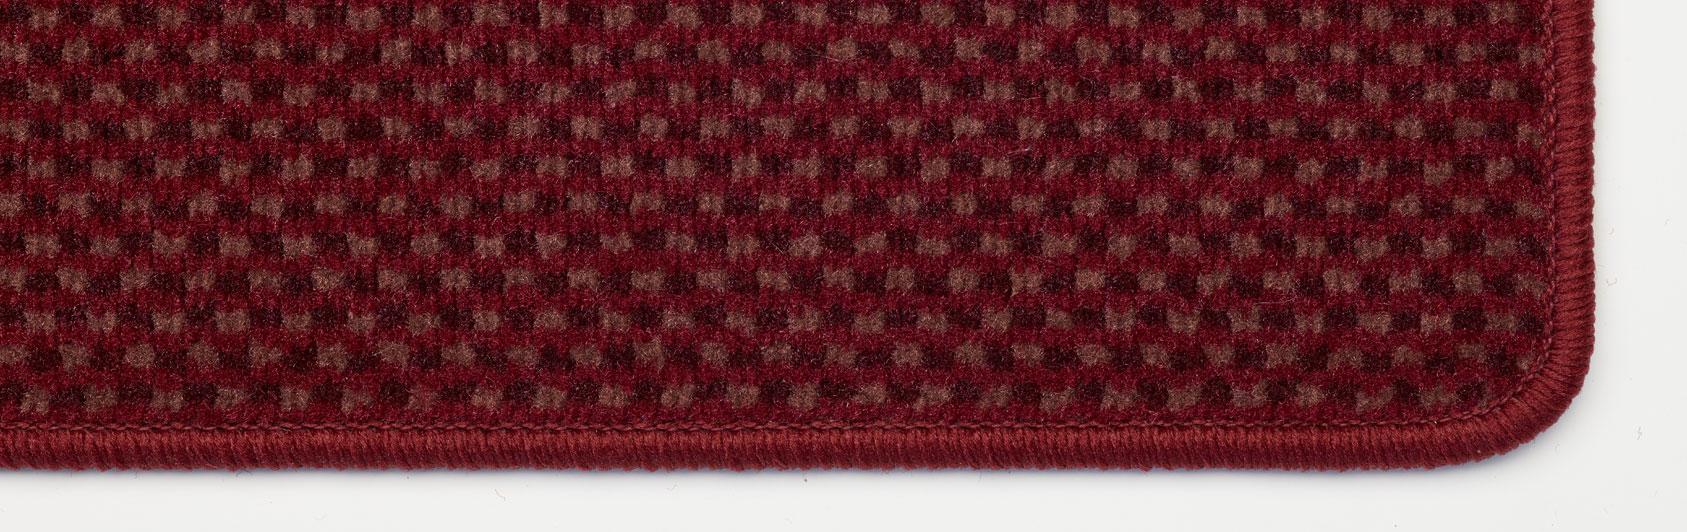 paillassons robusta couleur rouge foncé couleur code 355